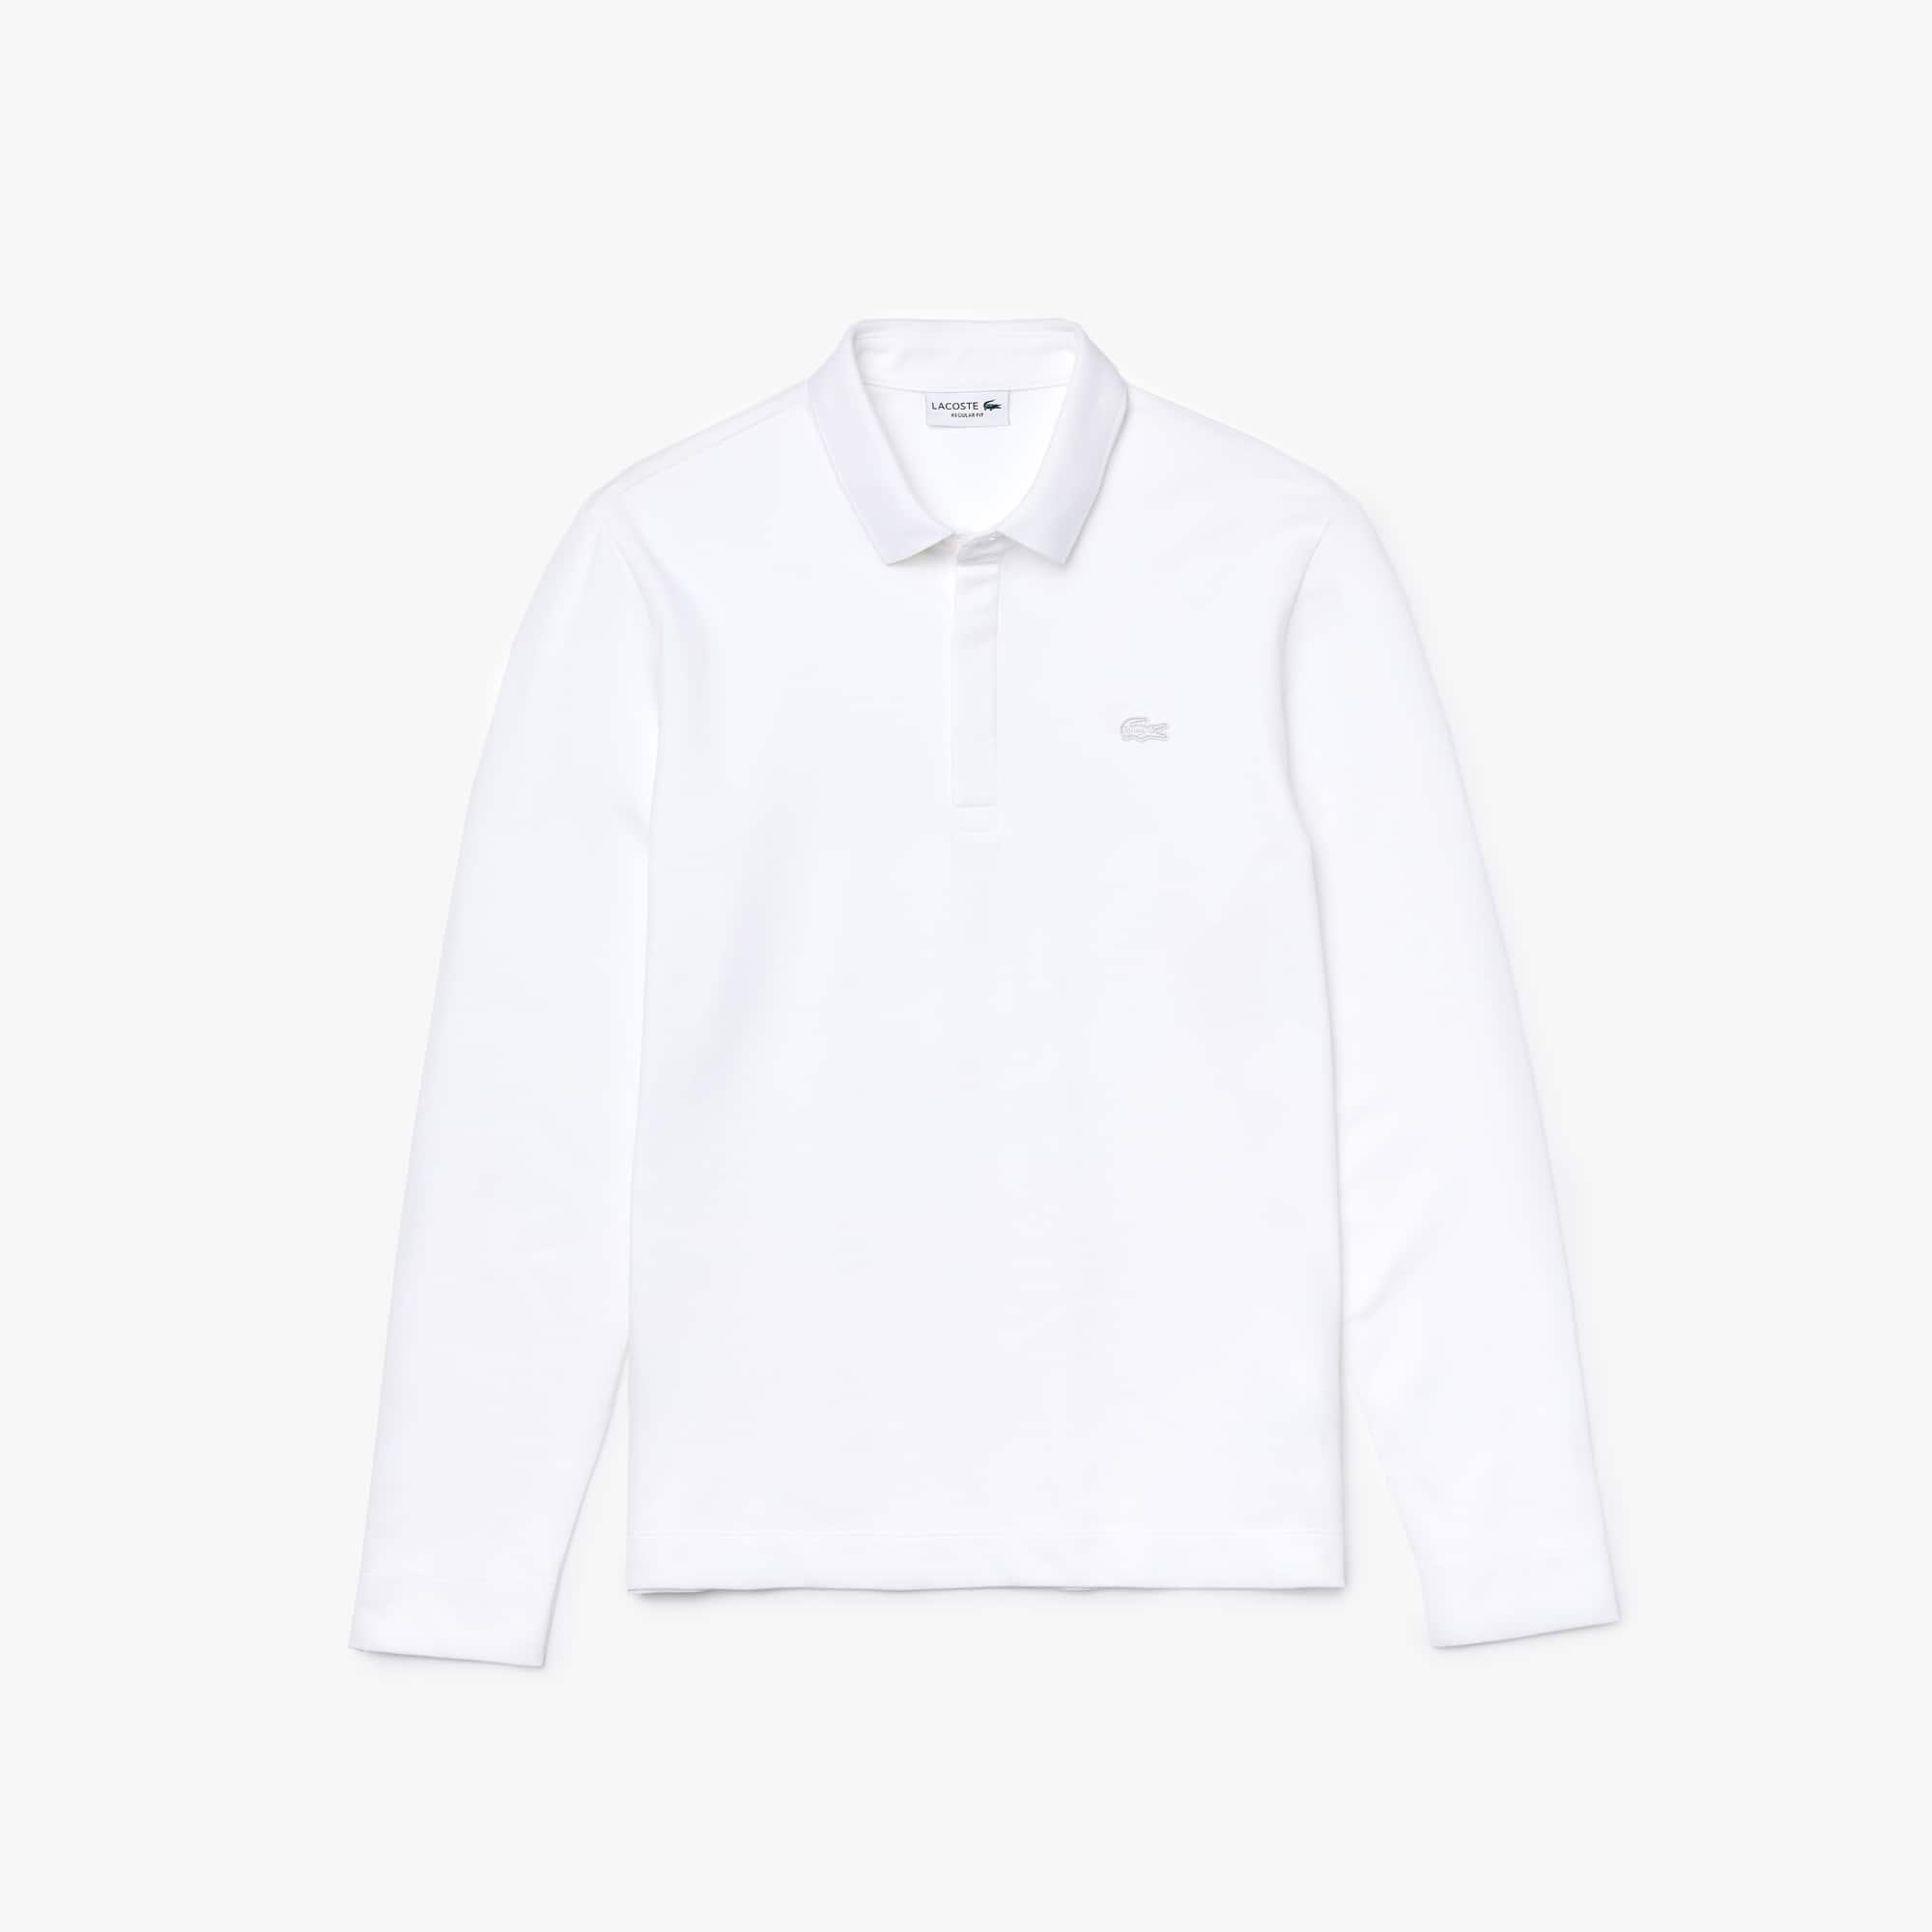 Polo París de hombre Lacoste regular fit en piqué de algodón elástico de manga larga